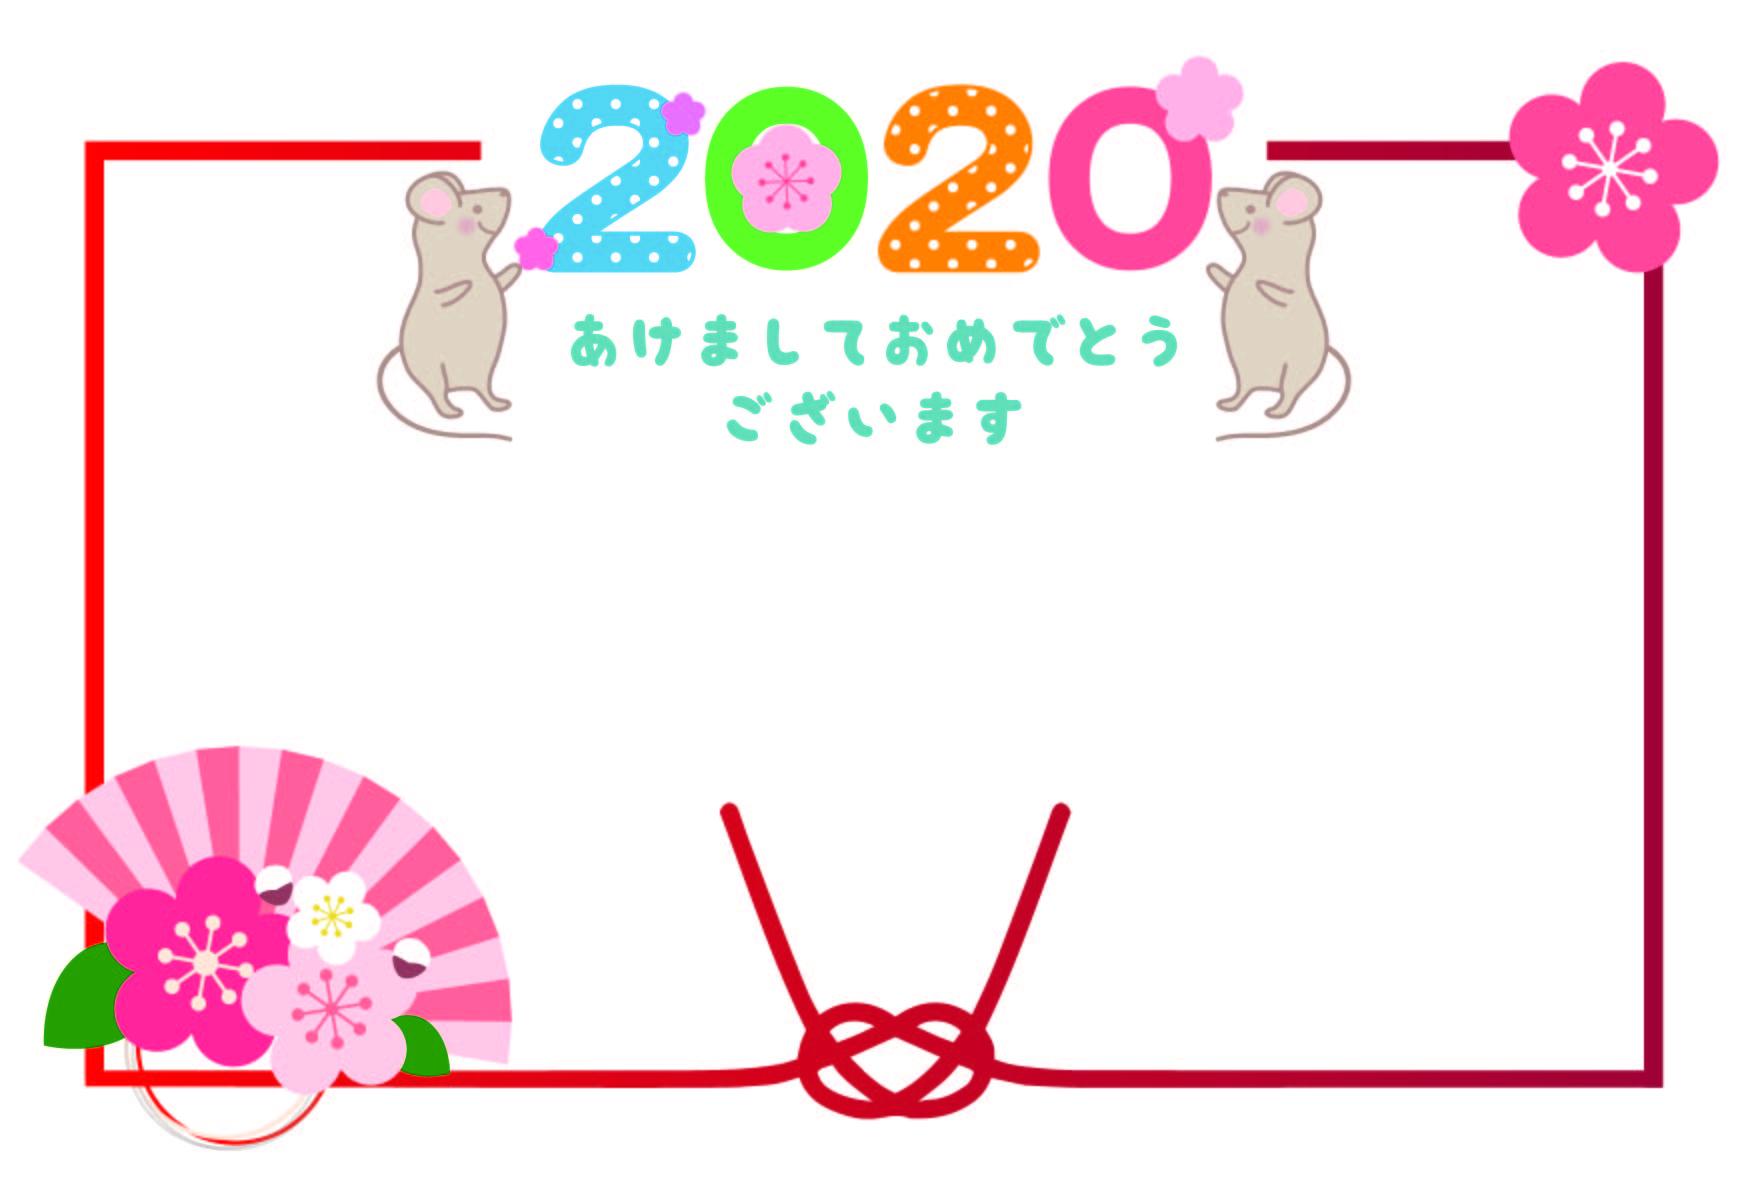 年賀状素材!2020の文字とねずみ(子年)あけましておめでとうございます文字